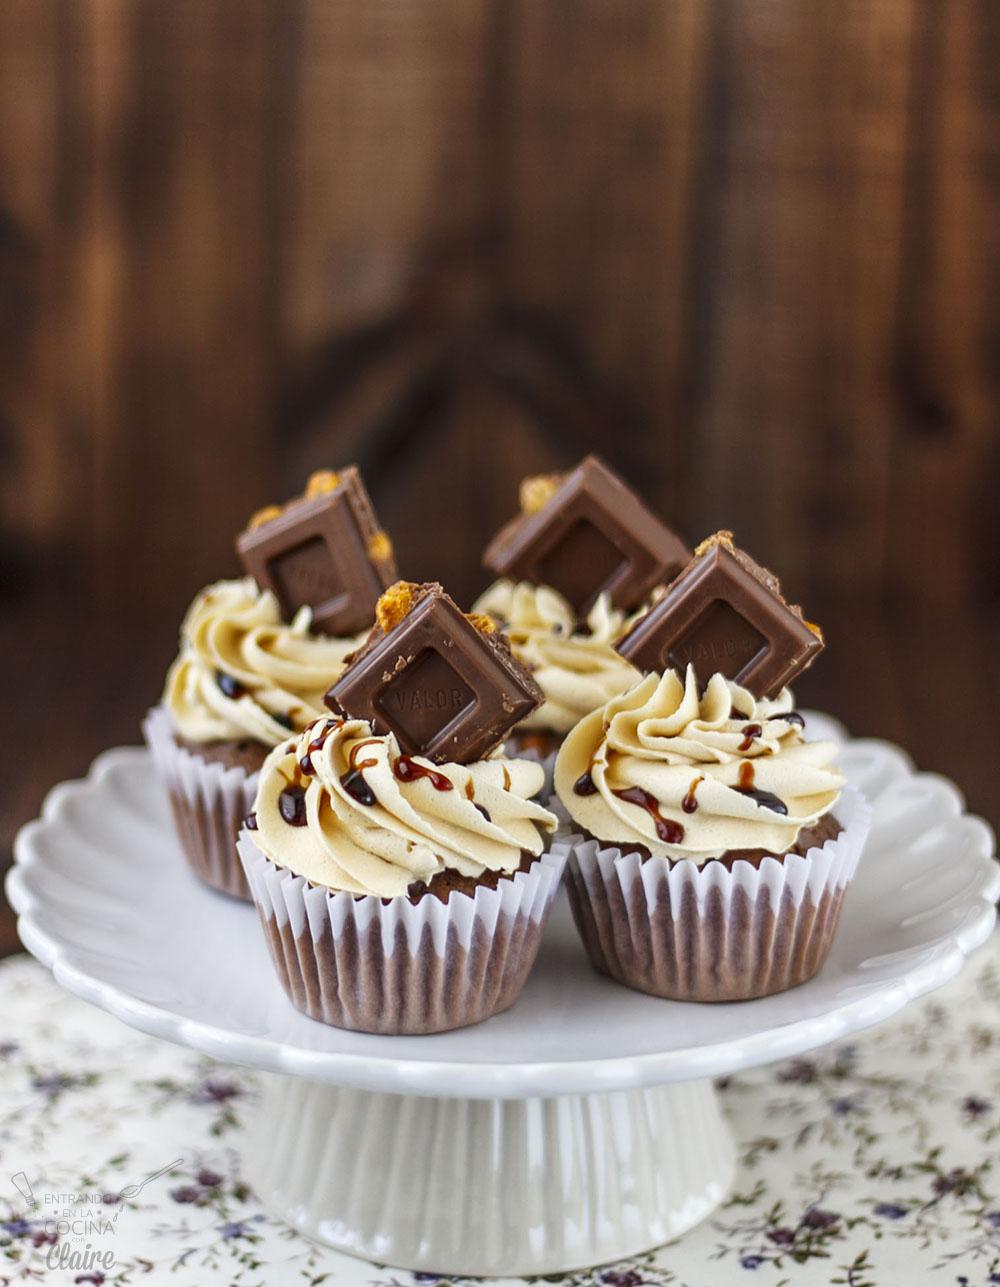 Cupcakes de Chocolate con Kikos 02